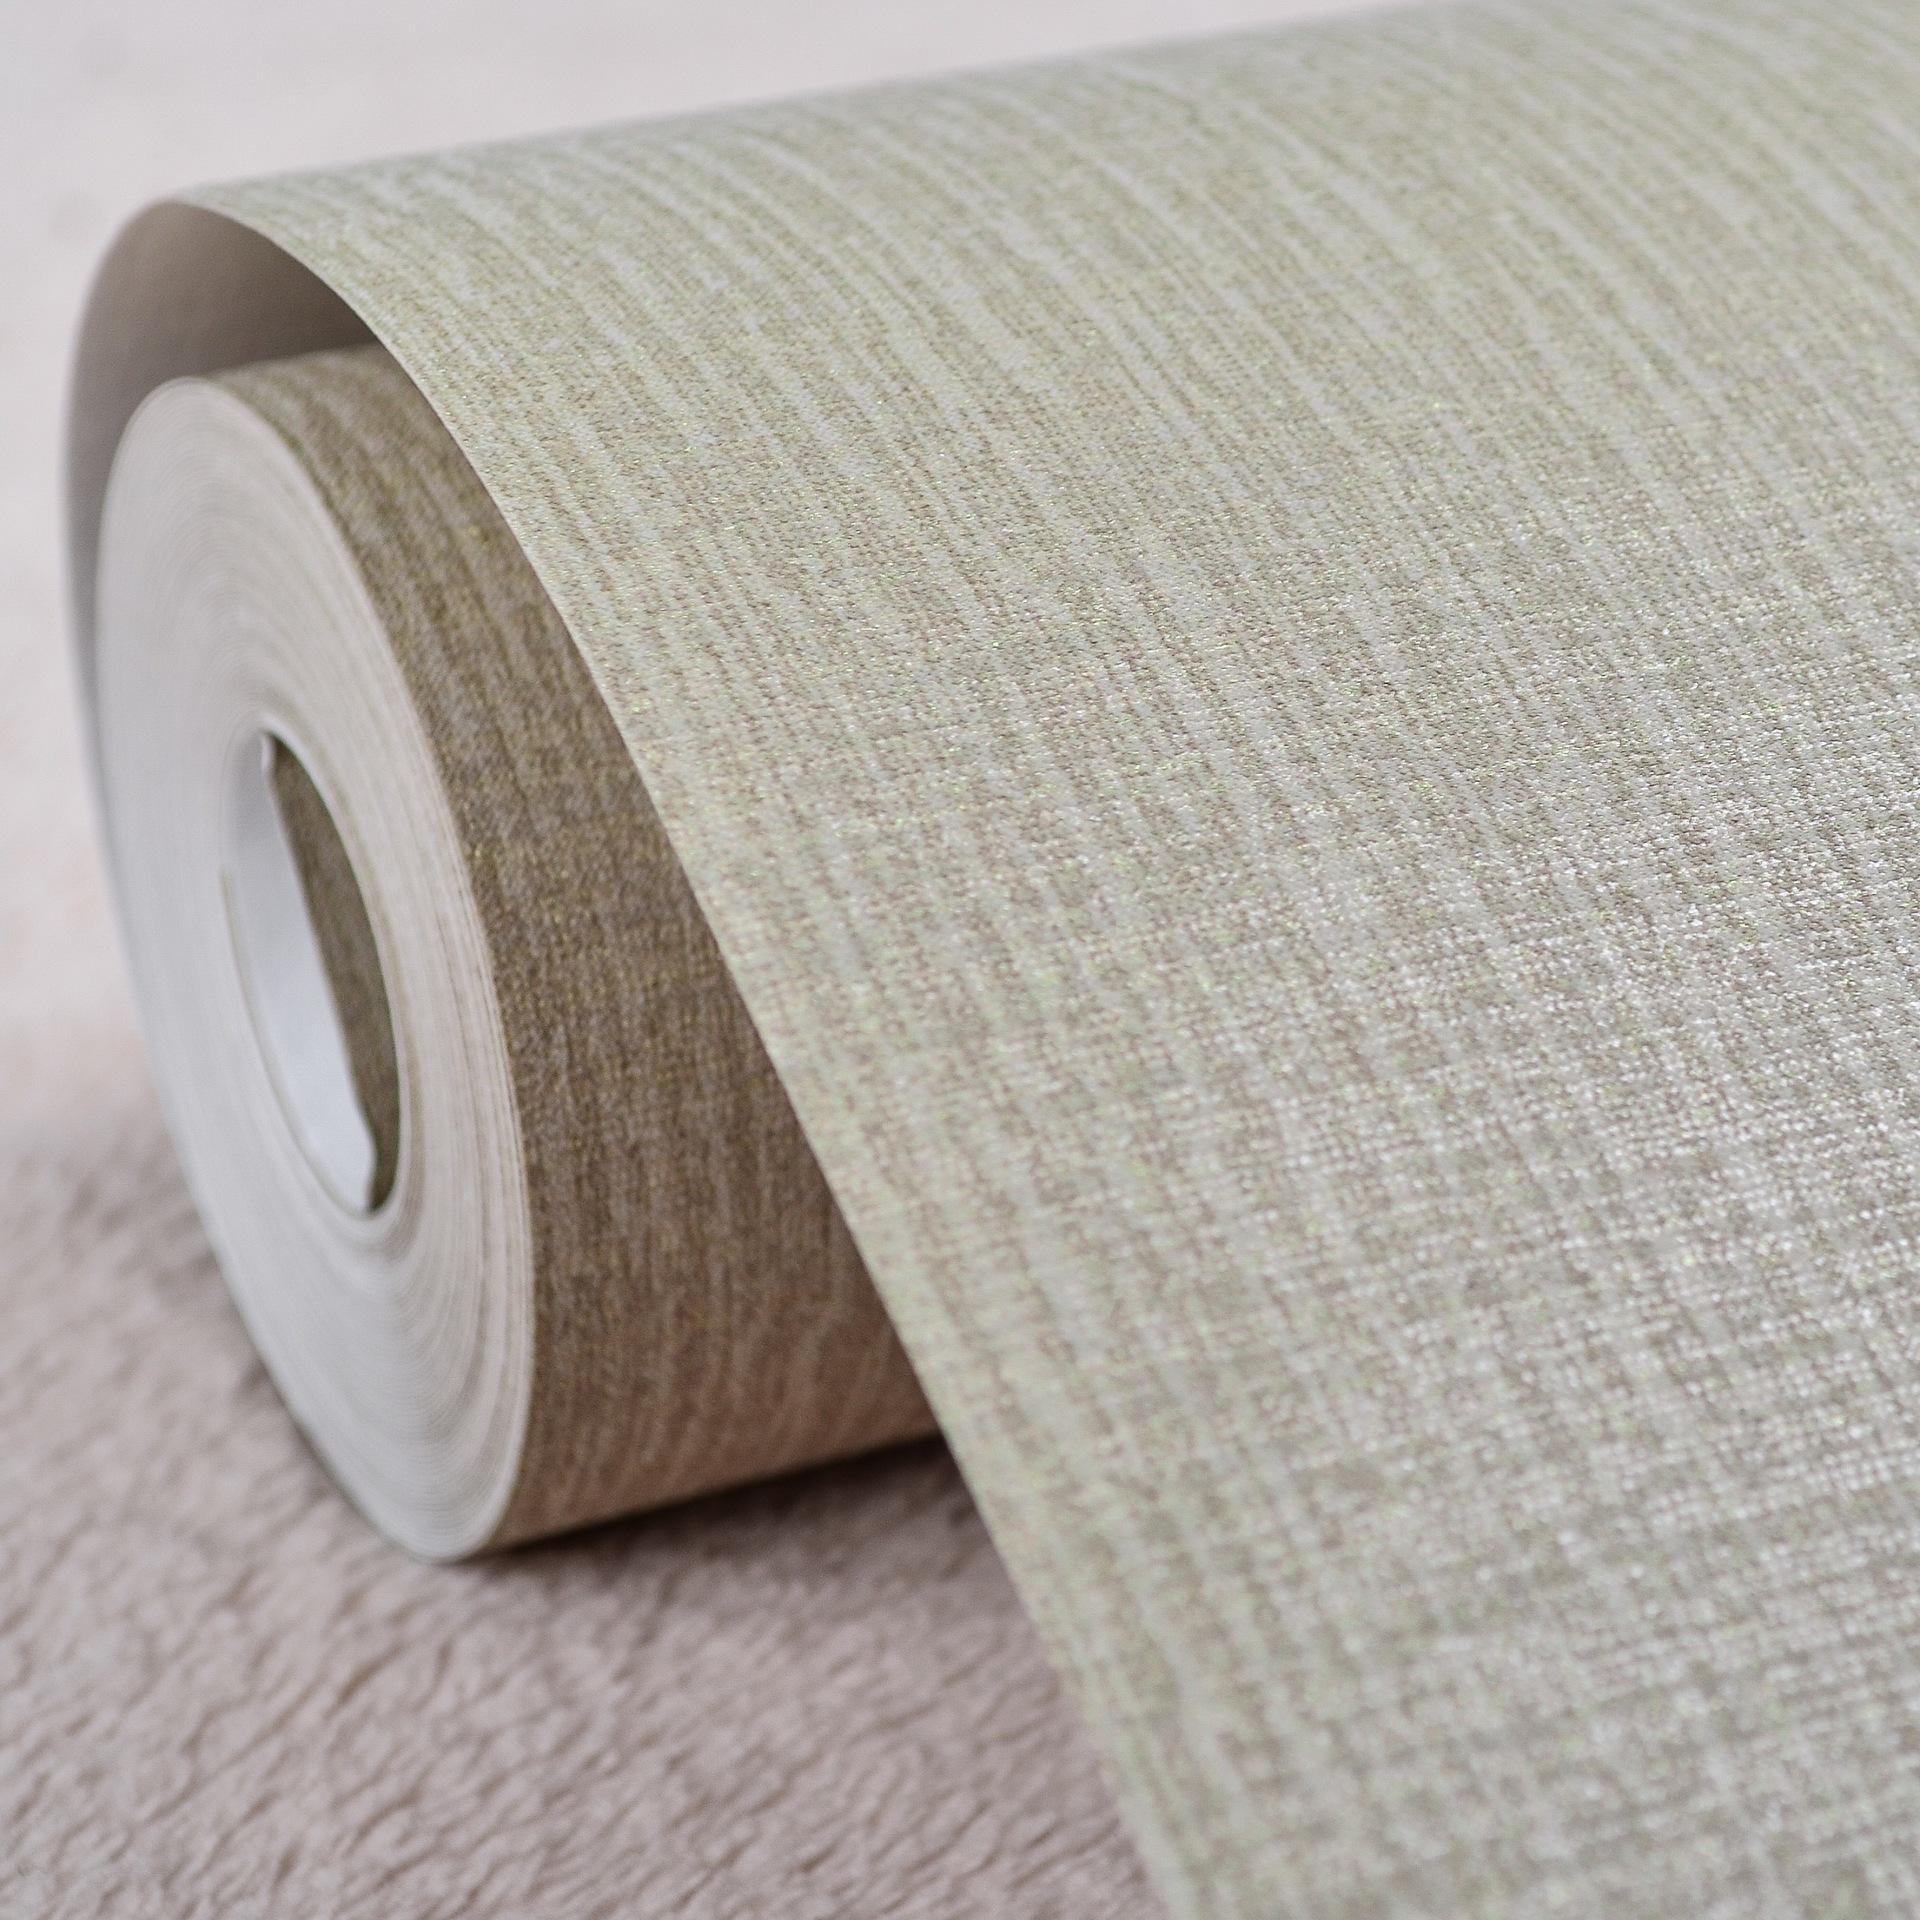 纯色素色亚麻布纹仿草编墙纸 灰色米色条纹壁纸 卧室电视背景墙纸